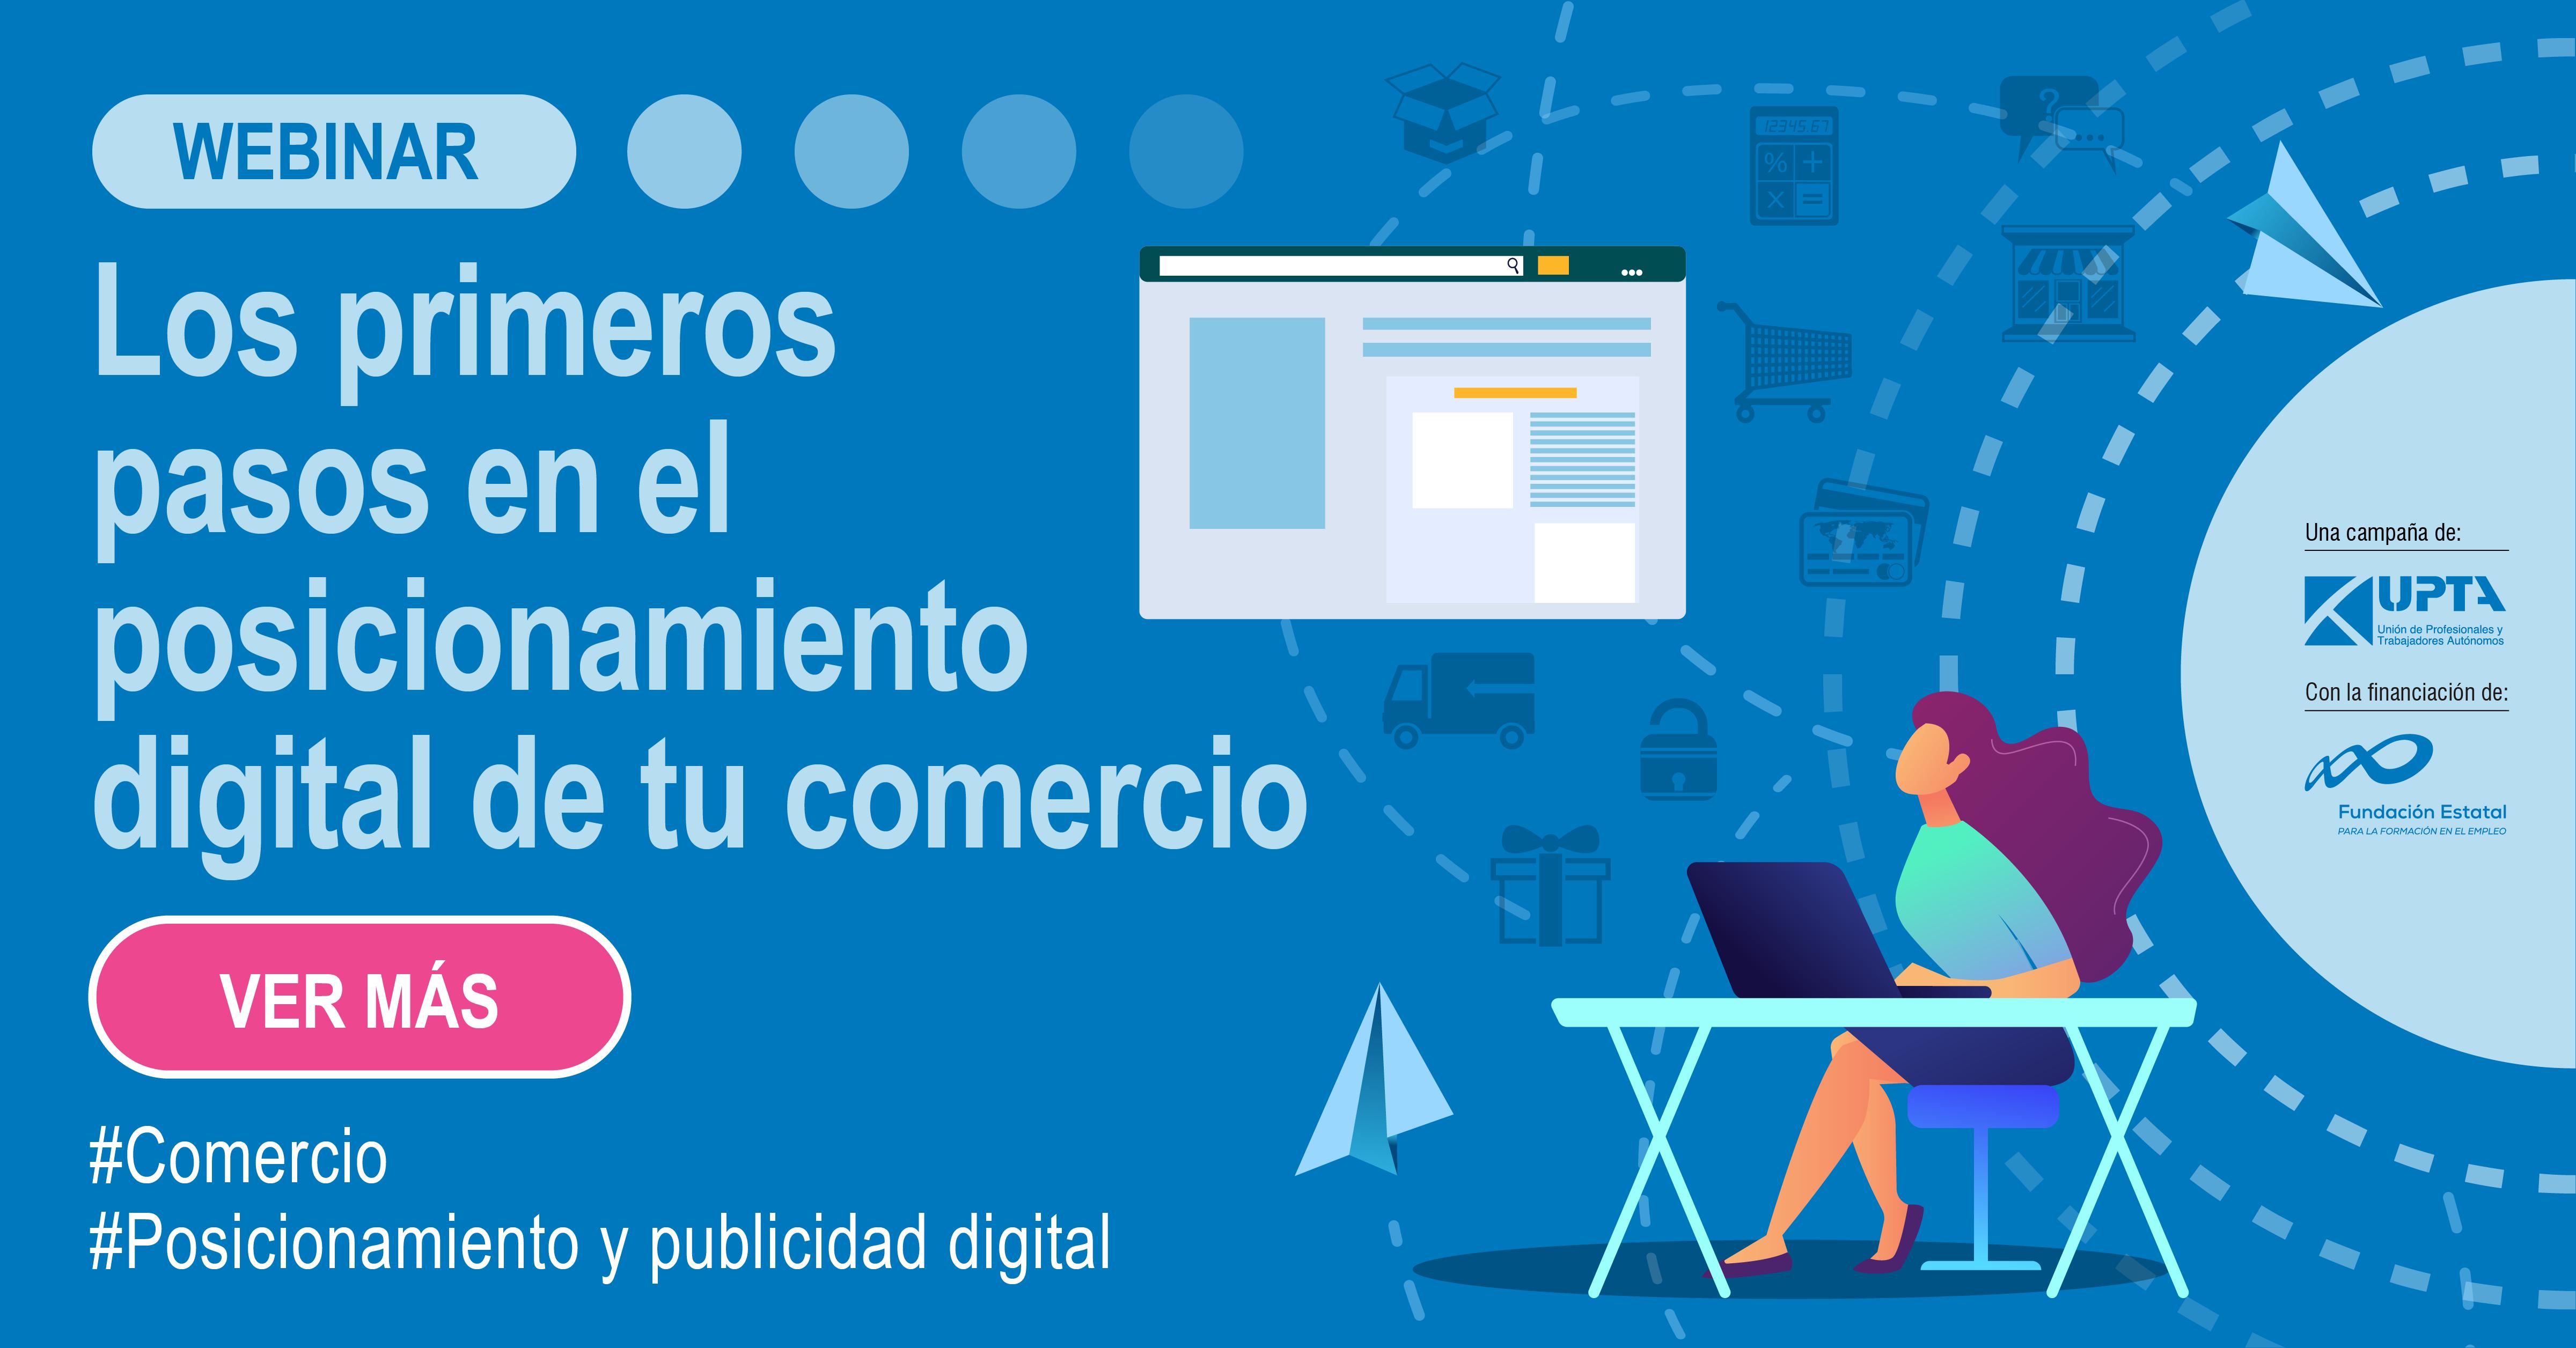 Lanzamiento del webinar: Los primeros pasos en el posicionamiento digital de un comercio